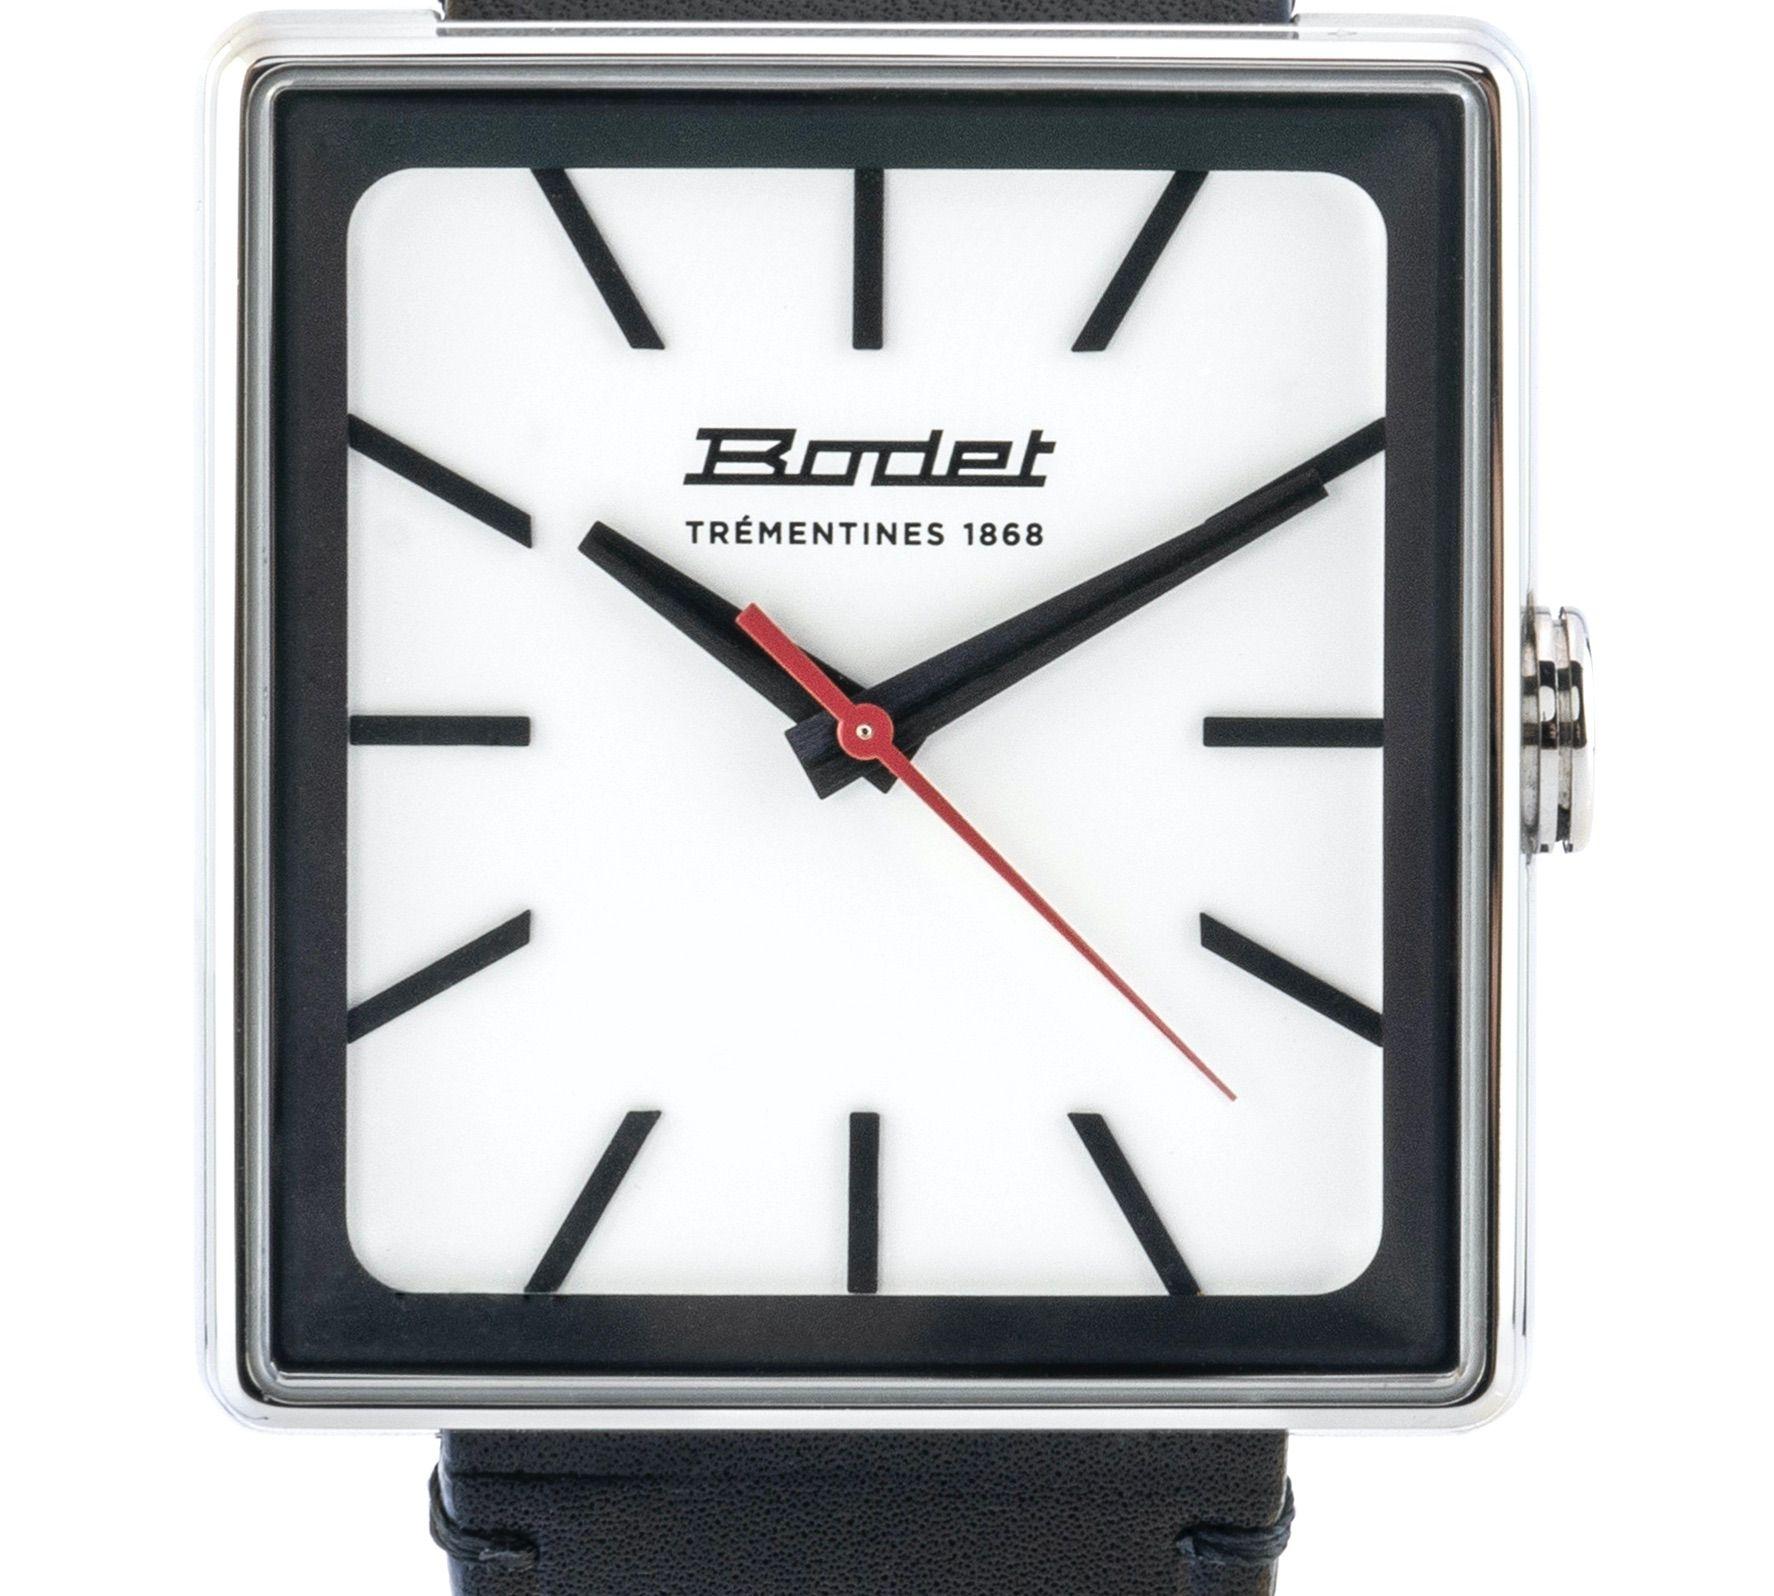 Quand le pré carré tourne rond et quand la jungle se fait parisienne : c'est l'actualité des montres en mode pascal